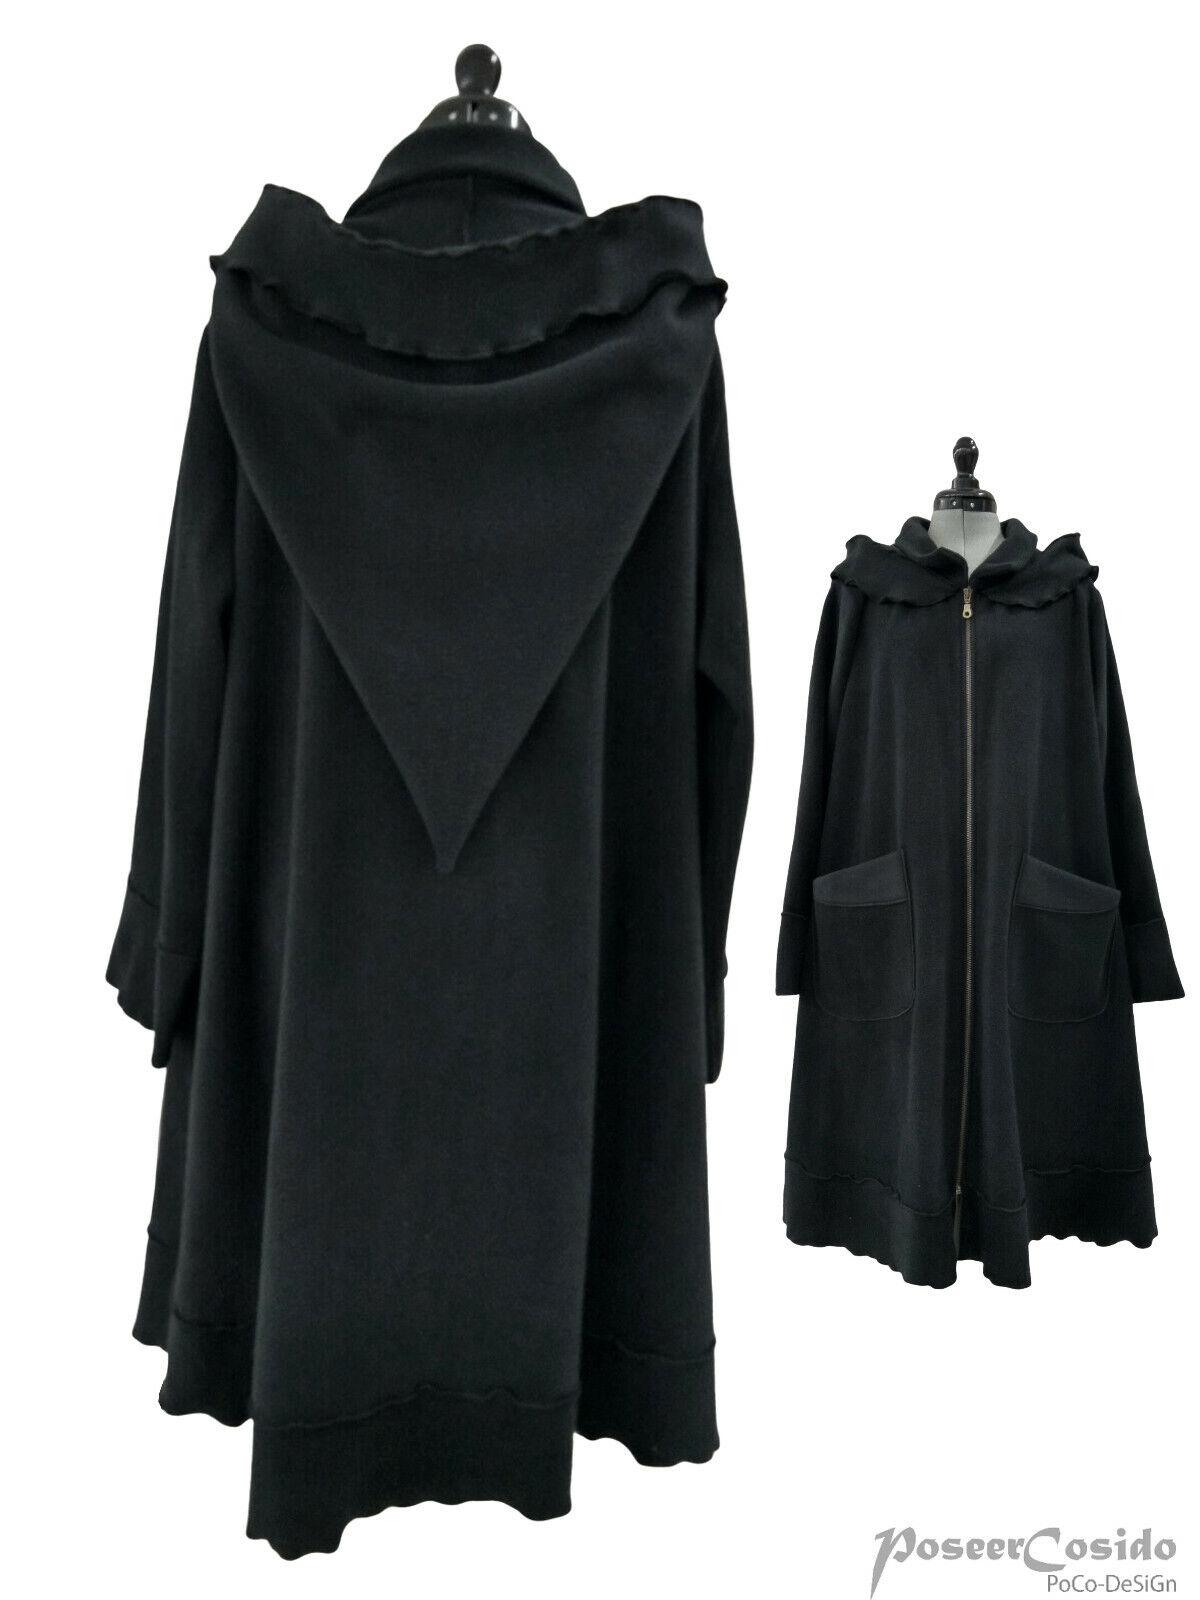 LAGENLOOK Fleece Jacke Kurz-Mantel schwarz L-XL-XXL-XXXL 44 46 48 50 52 54 56 58